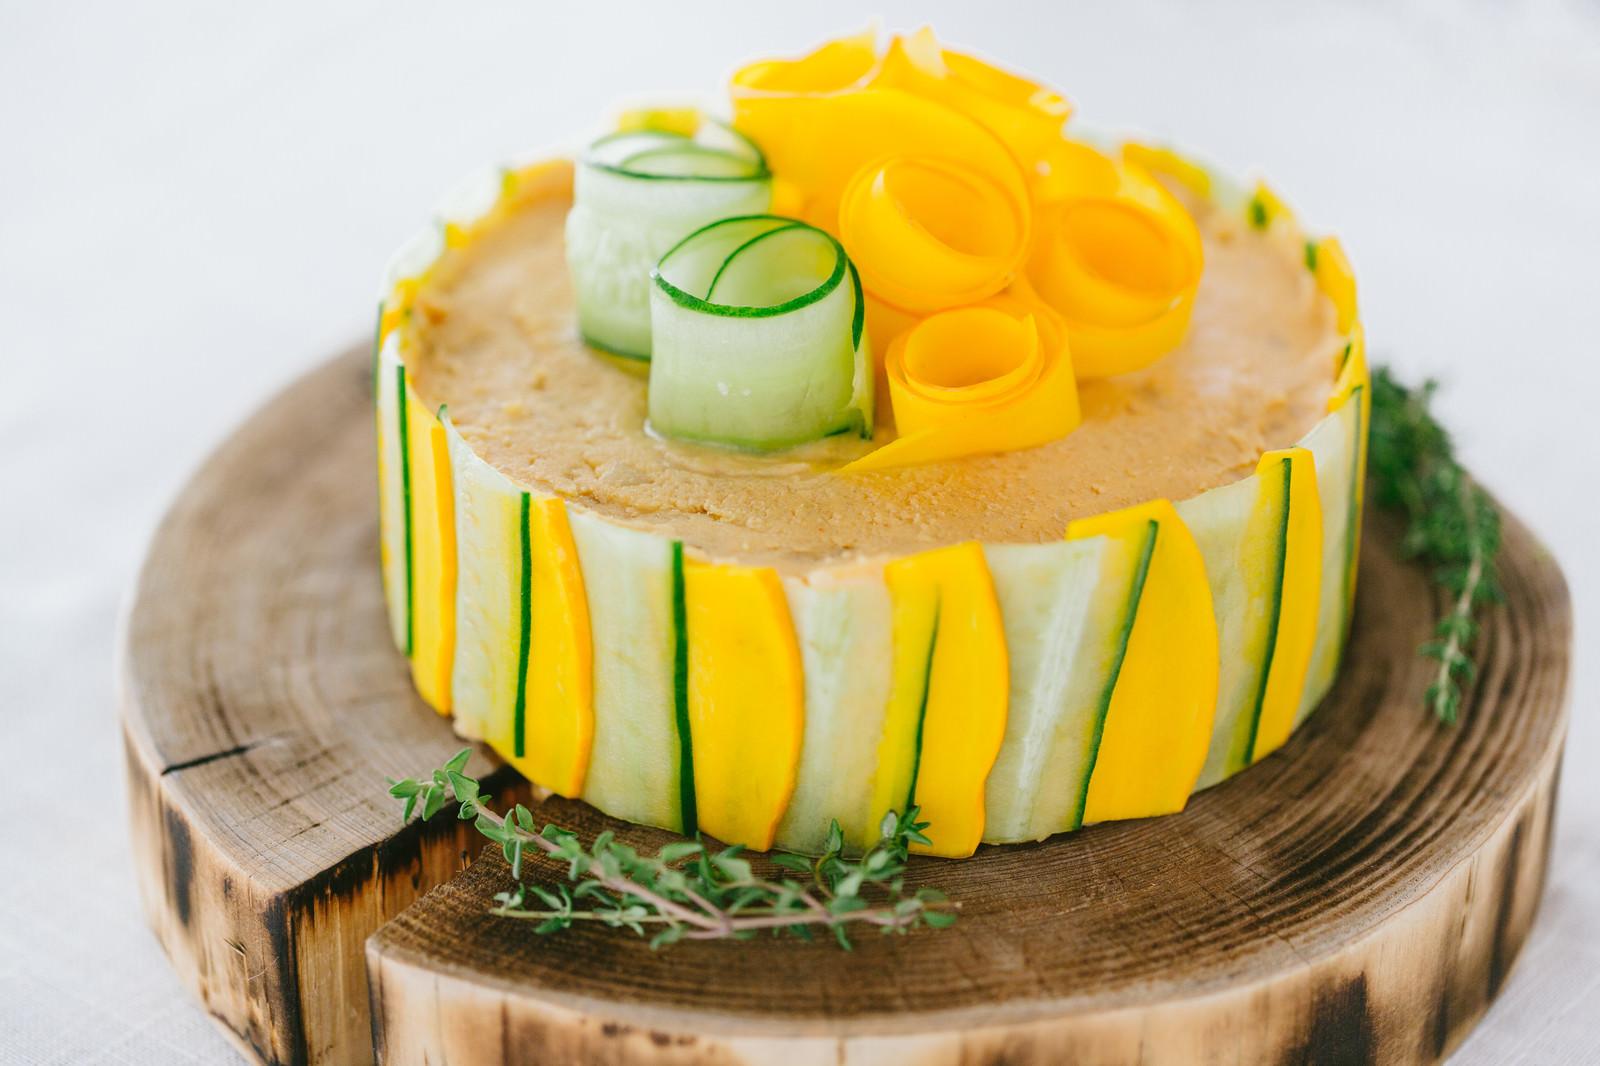 「野菜の食感とクリームチーズの濃厚な味わい「ベジデコサンドケーキ」野菜の食感とクリームチーズの濃厚な味わい「ベジデコサンドケーキ」」のフリー写真素材を拡大